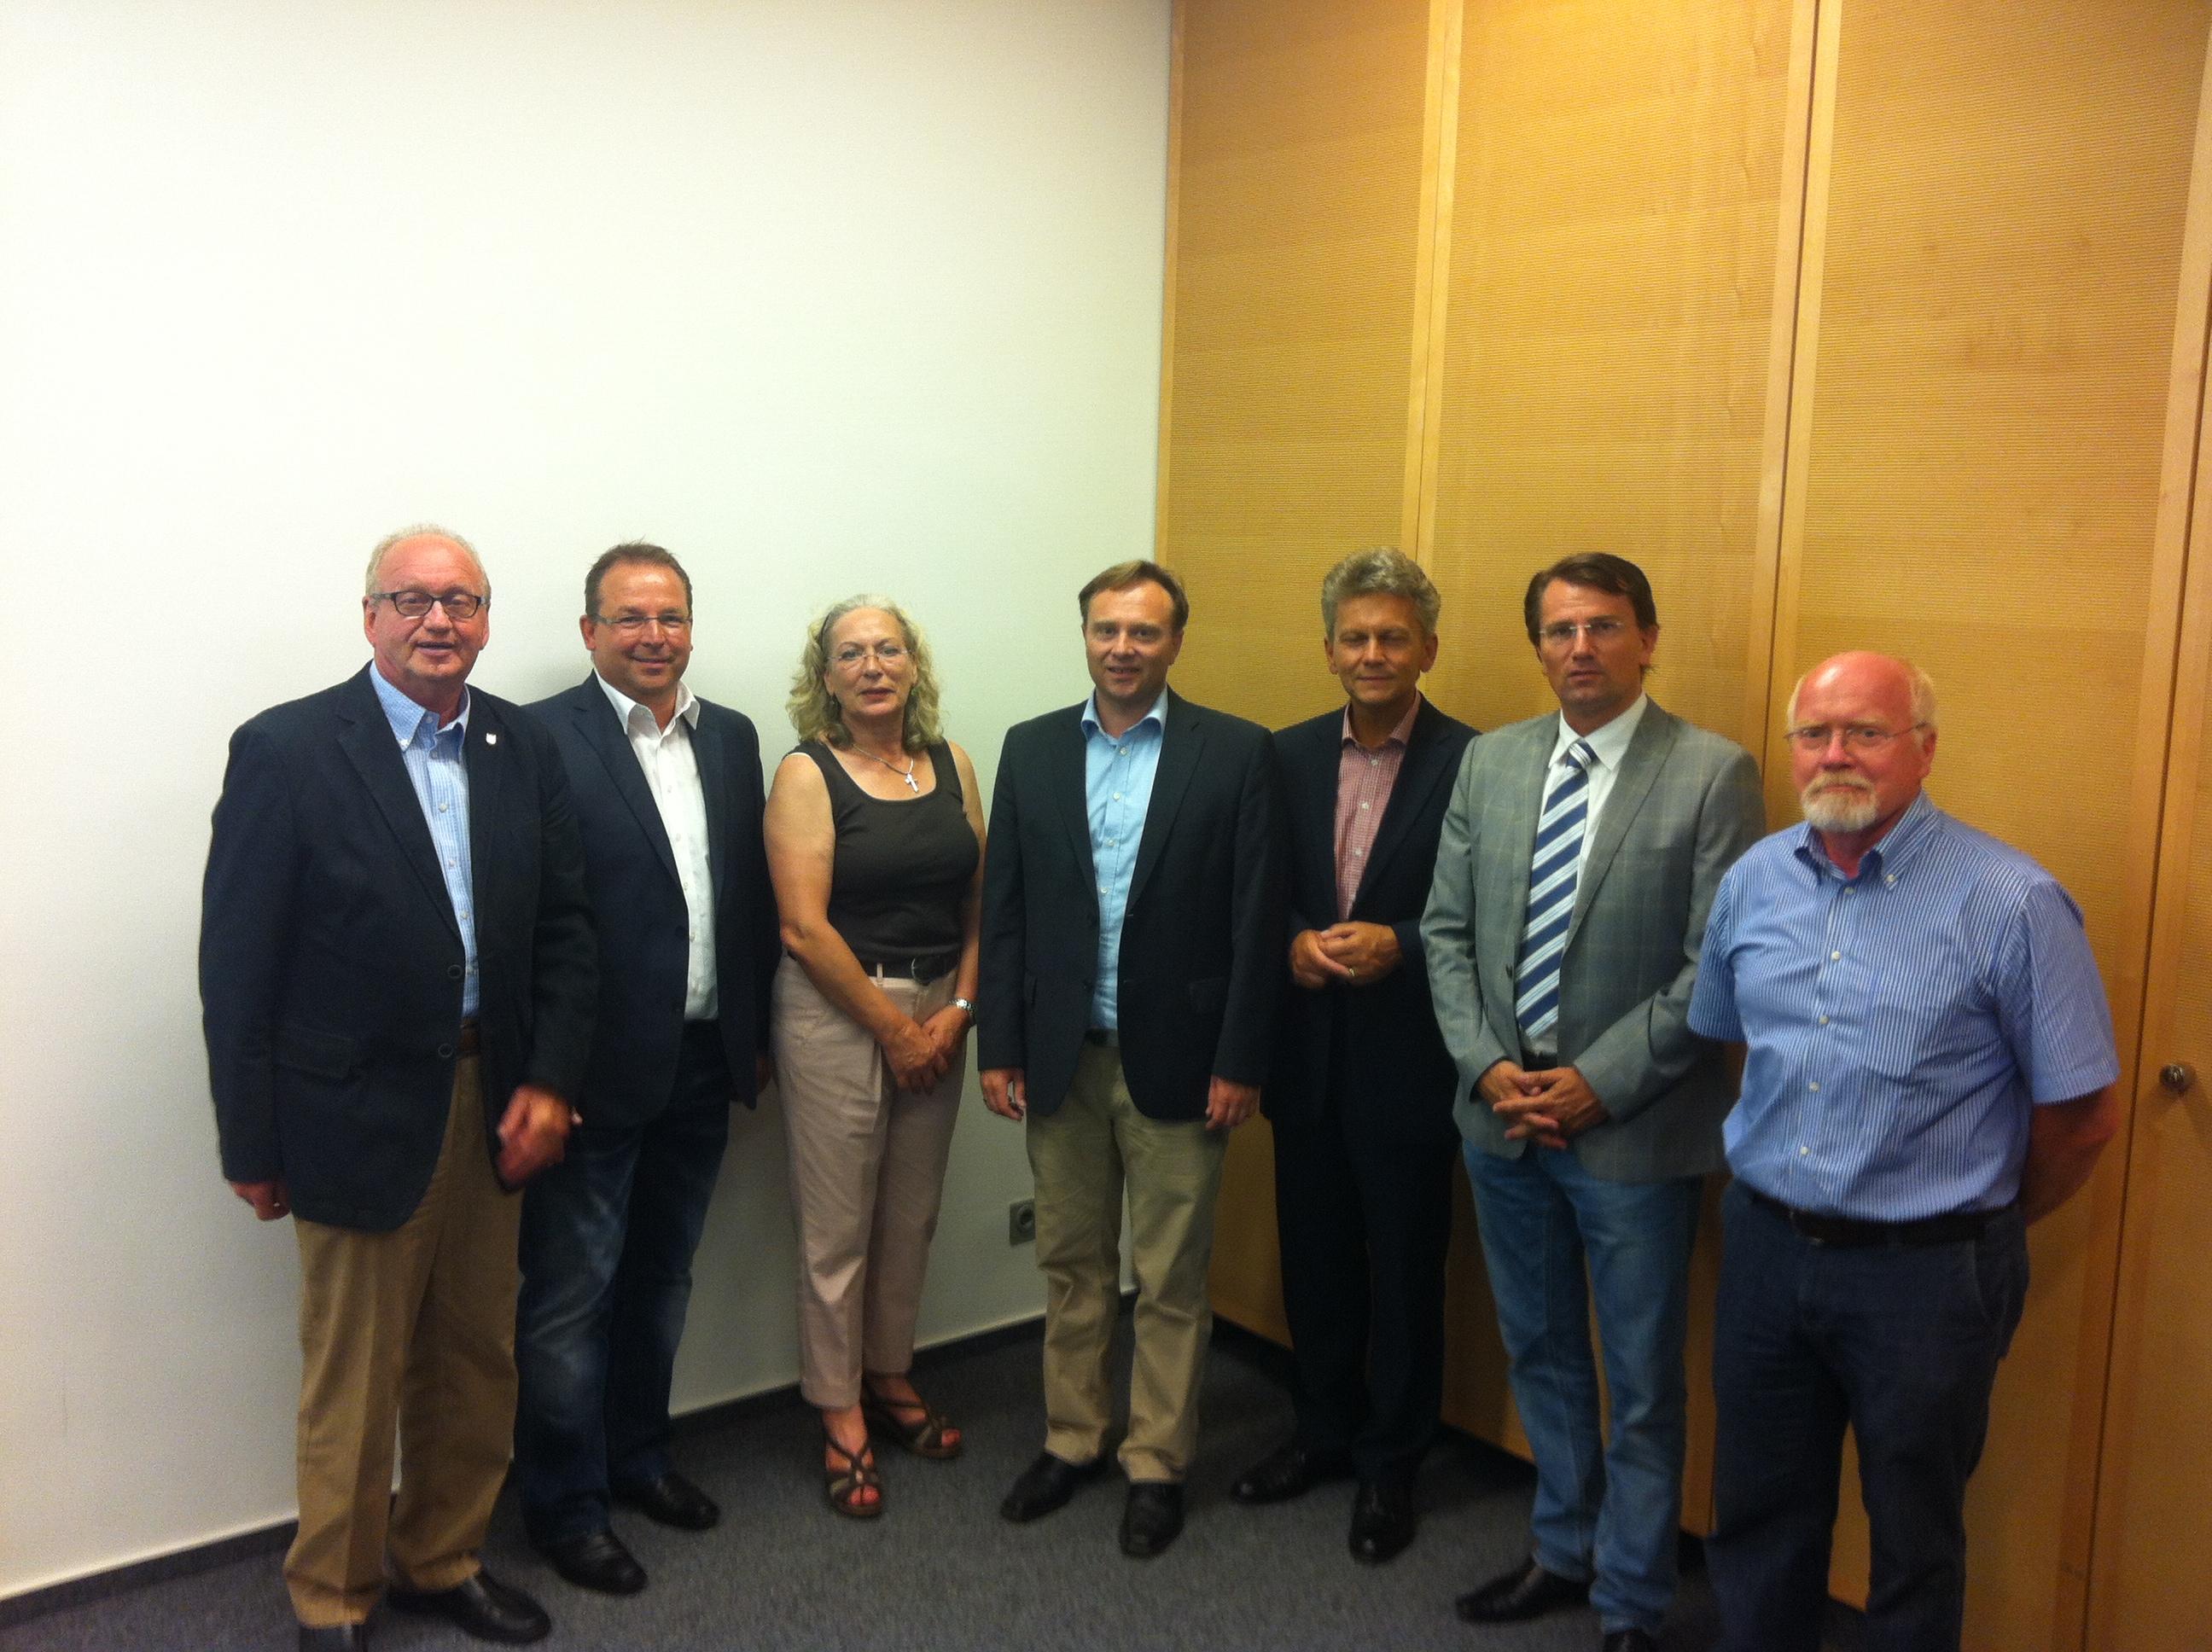 Dr. Kai Zwicker (Bild: Mitte) mit seinen Vorstandskolleginnen und -kollegen